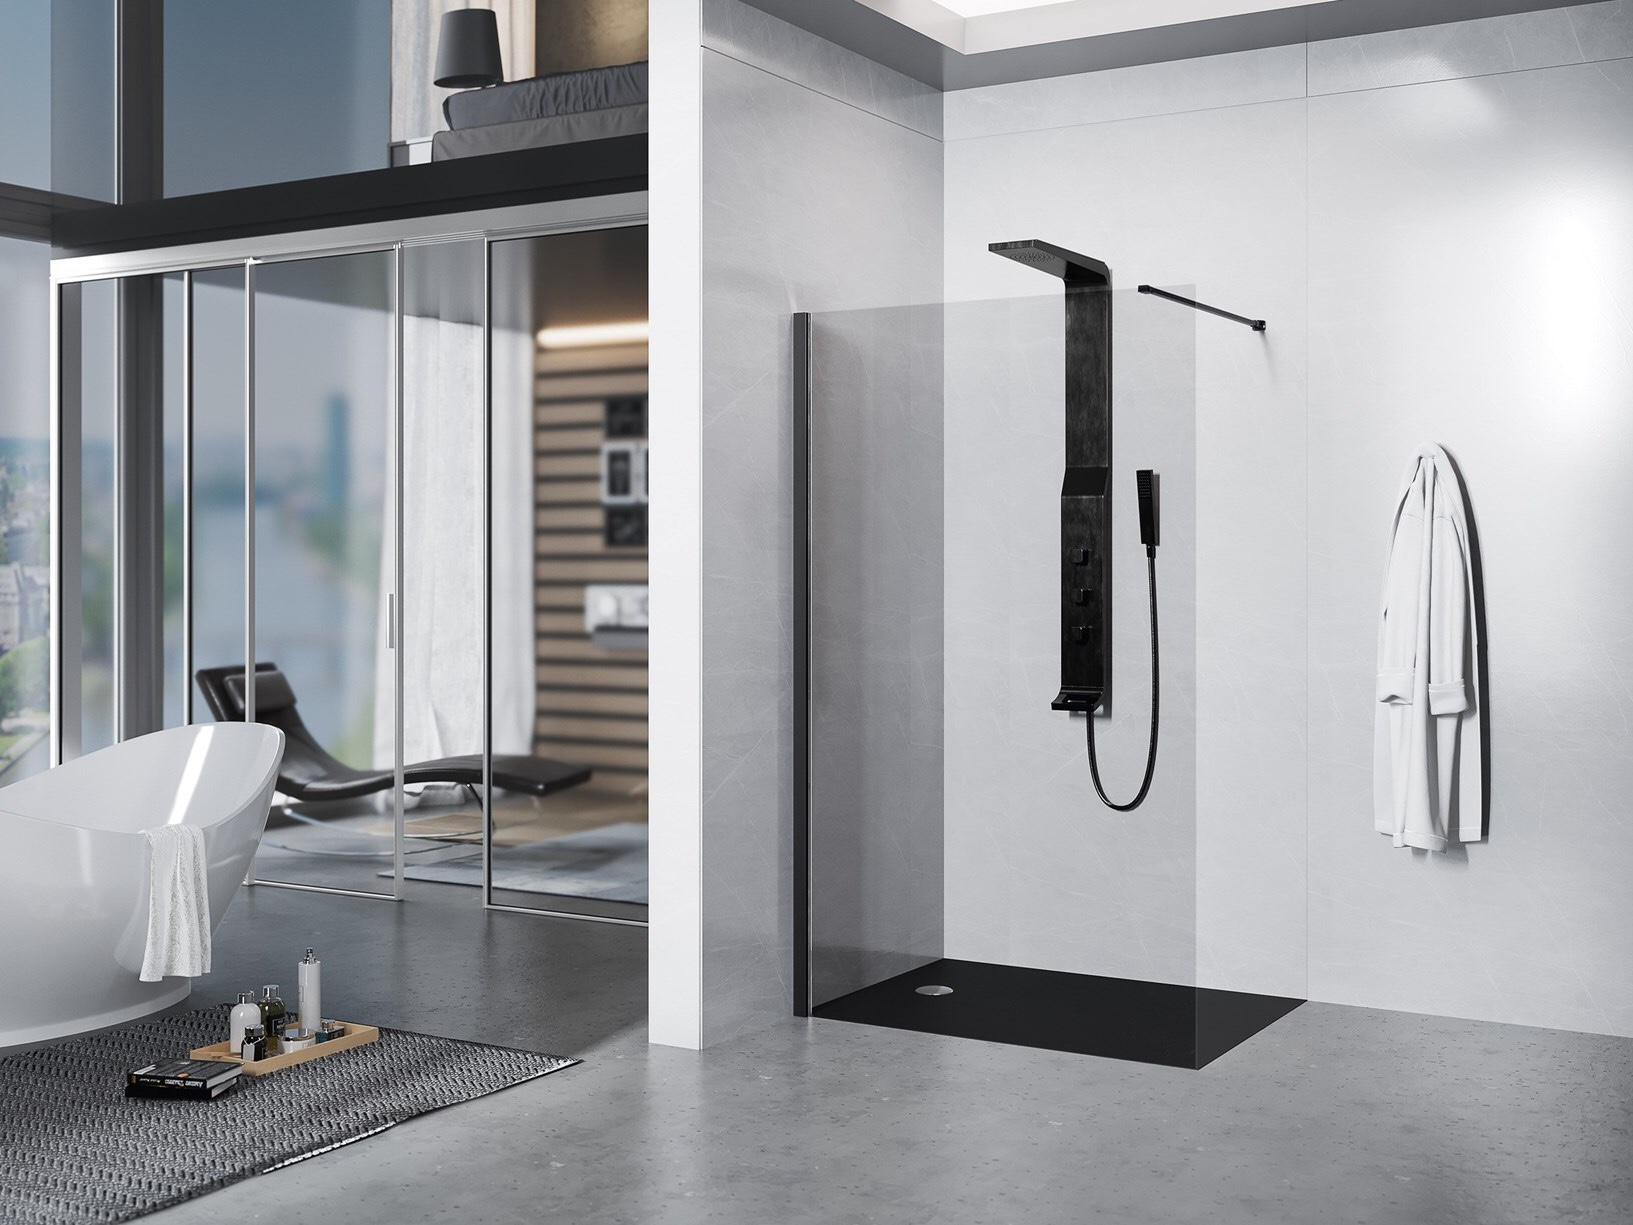 Cersaie 2018 design bathroom innovazione tendenze architettura box doccia helparredo idee